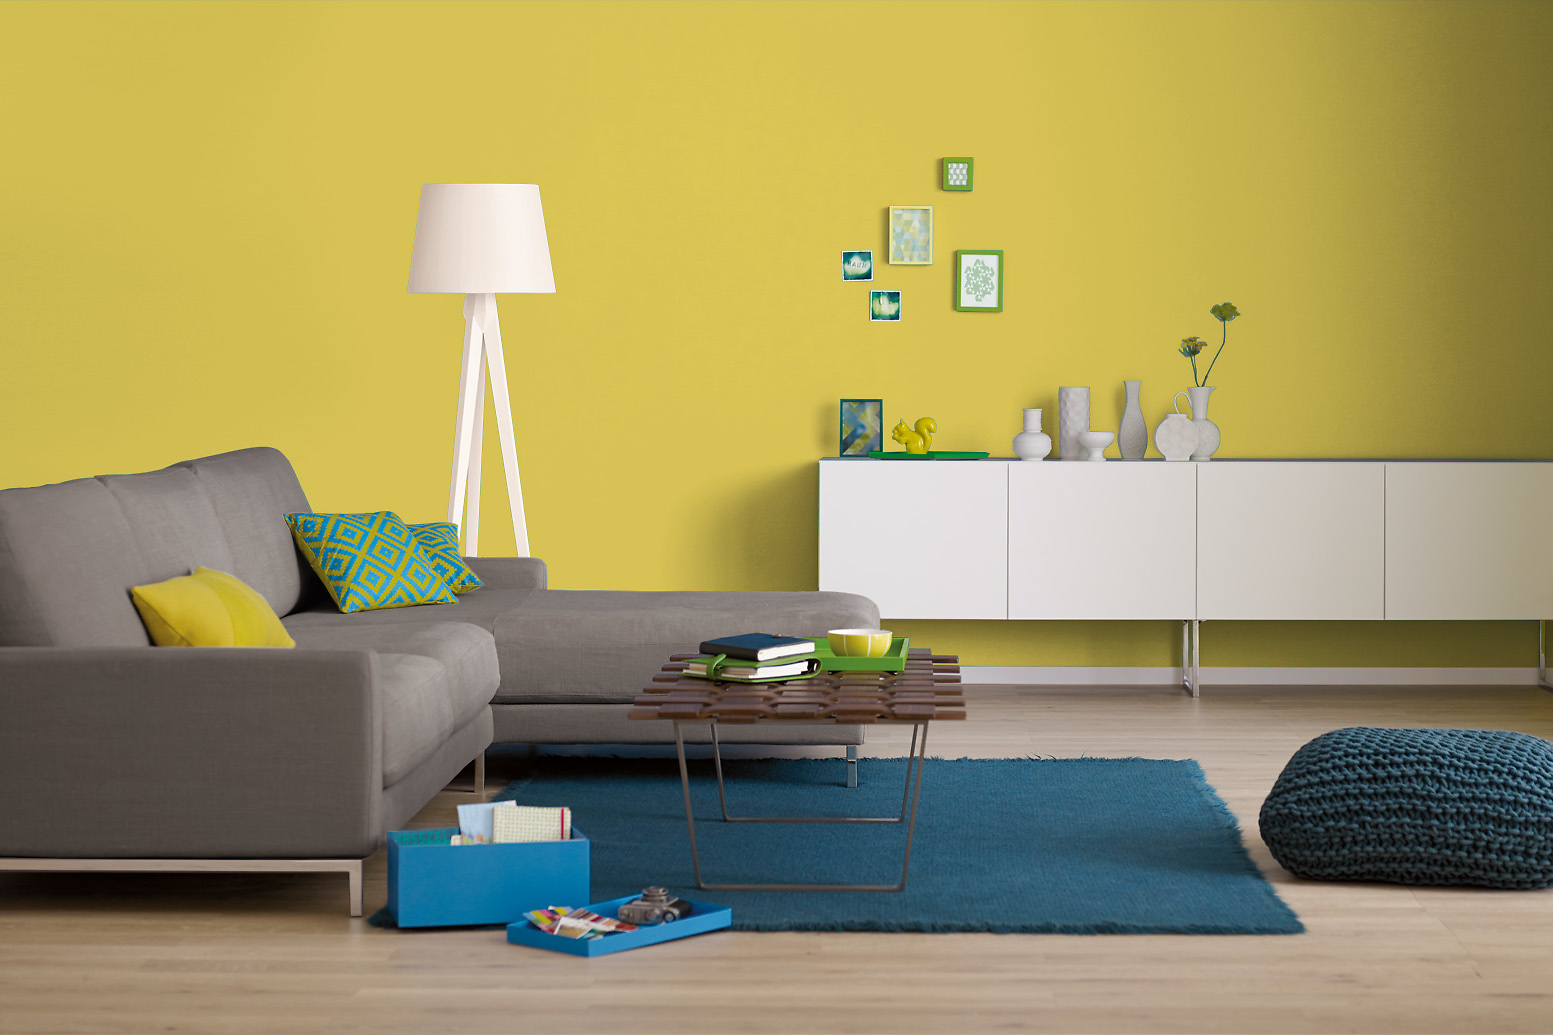 innenfarbe in gelb bananengelb streichen alpina